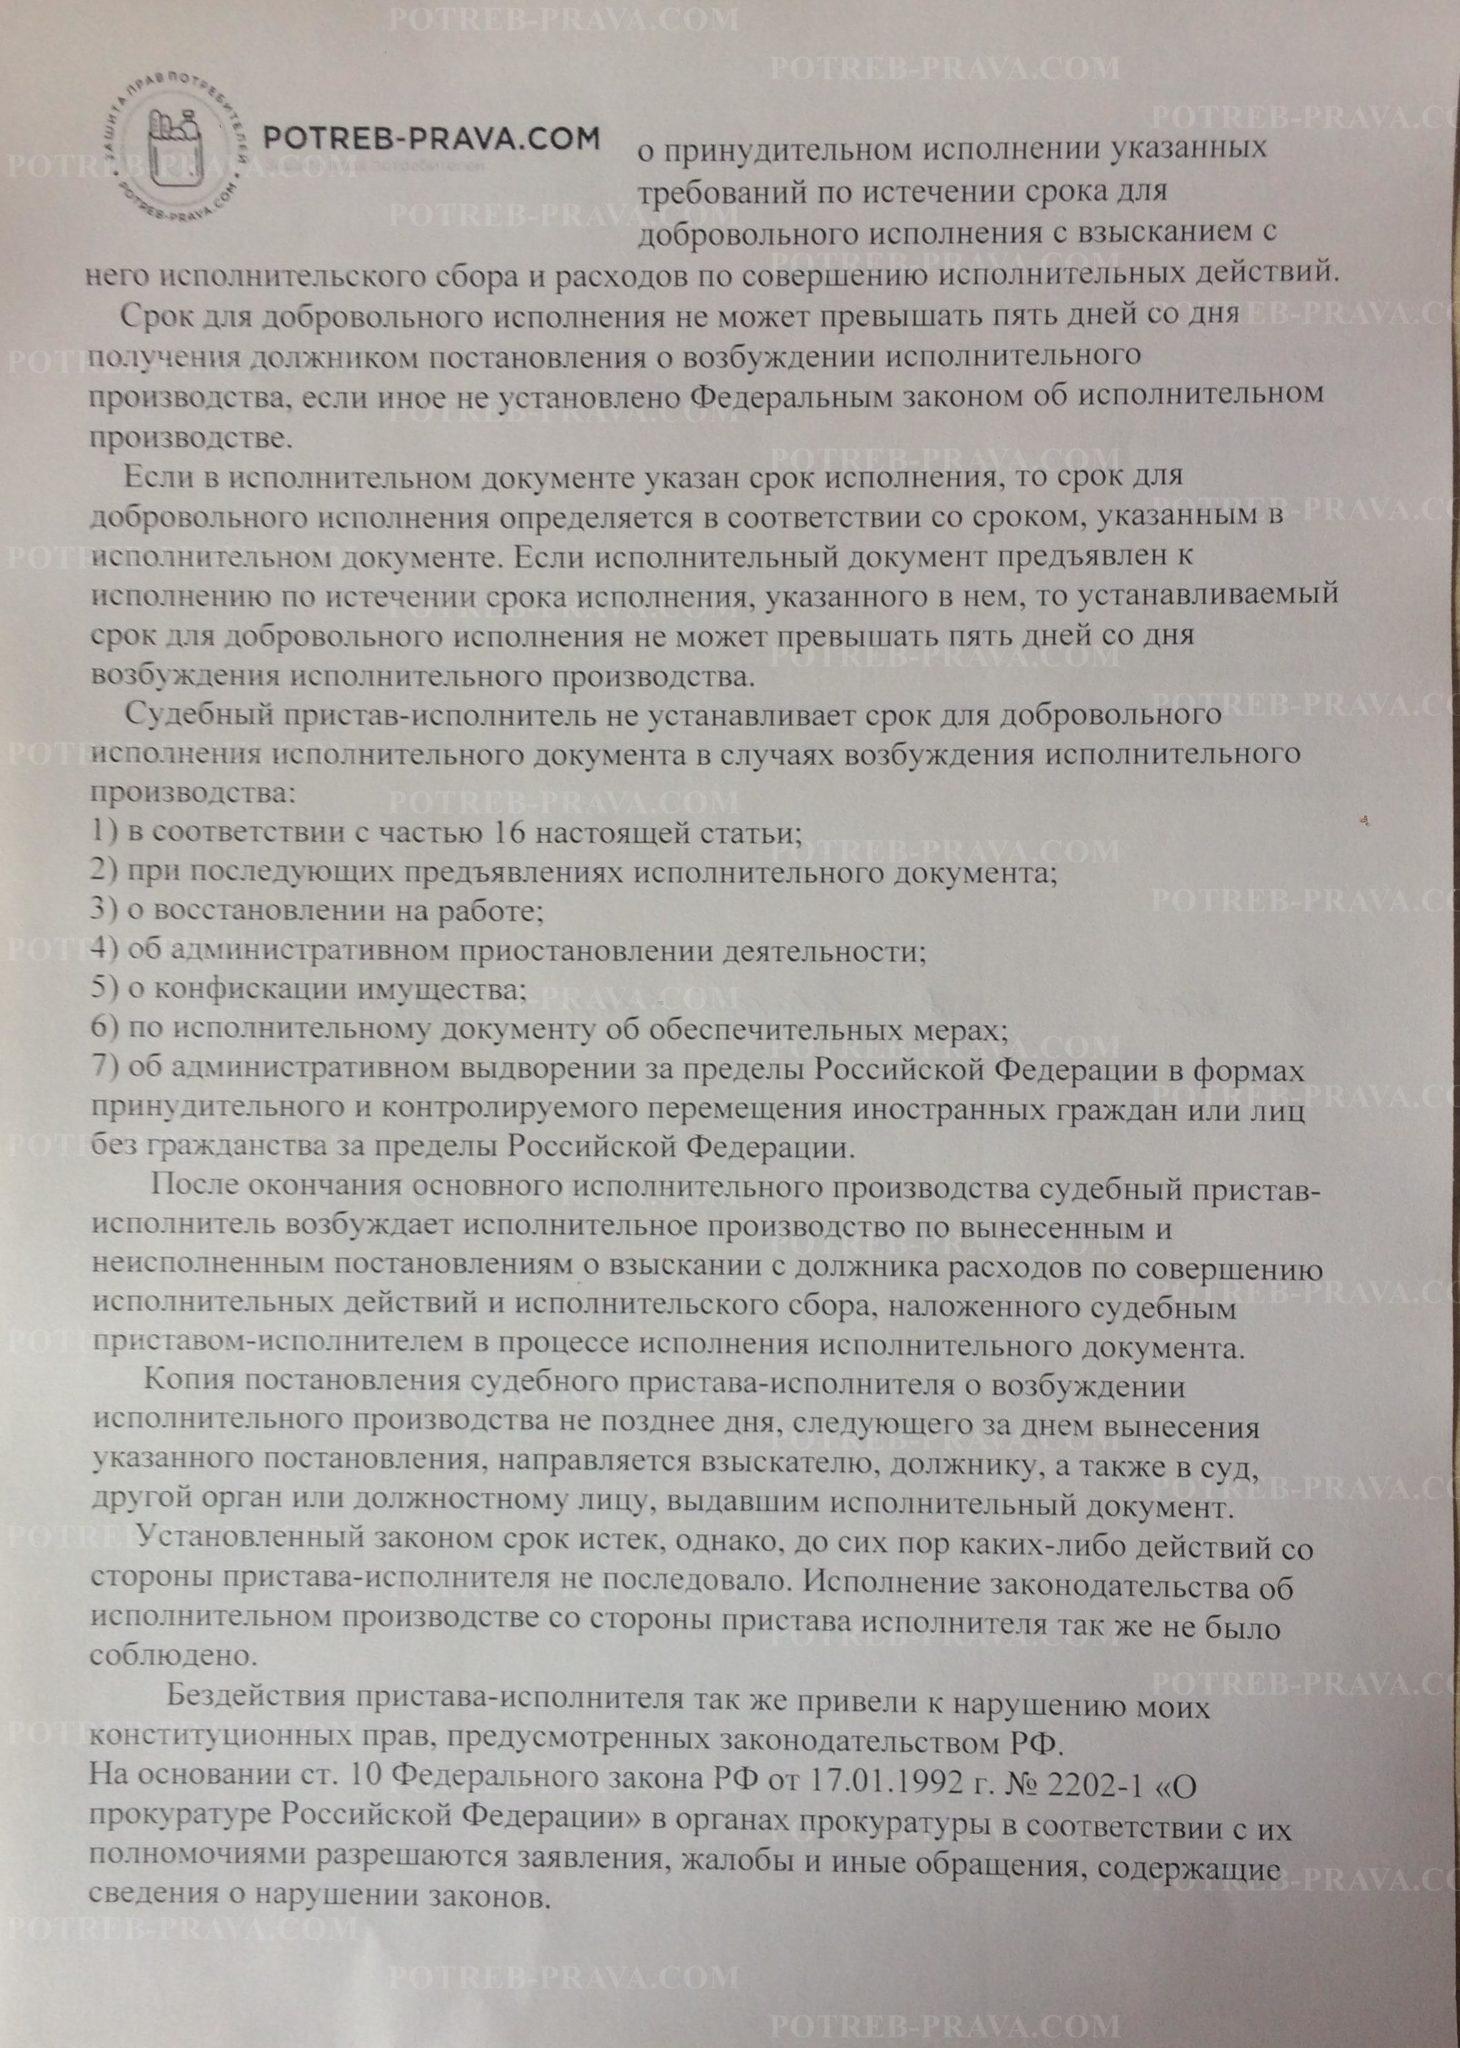 Пример заполнения жалобы на судебного пристава исполнителя за бездействие (3)